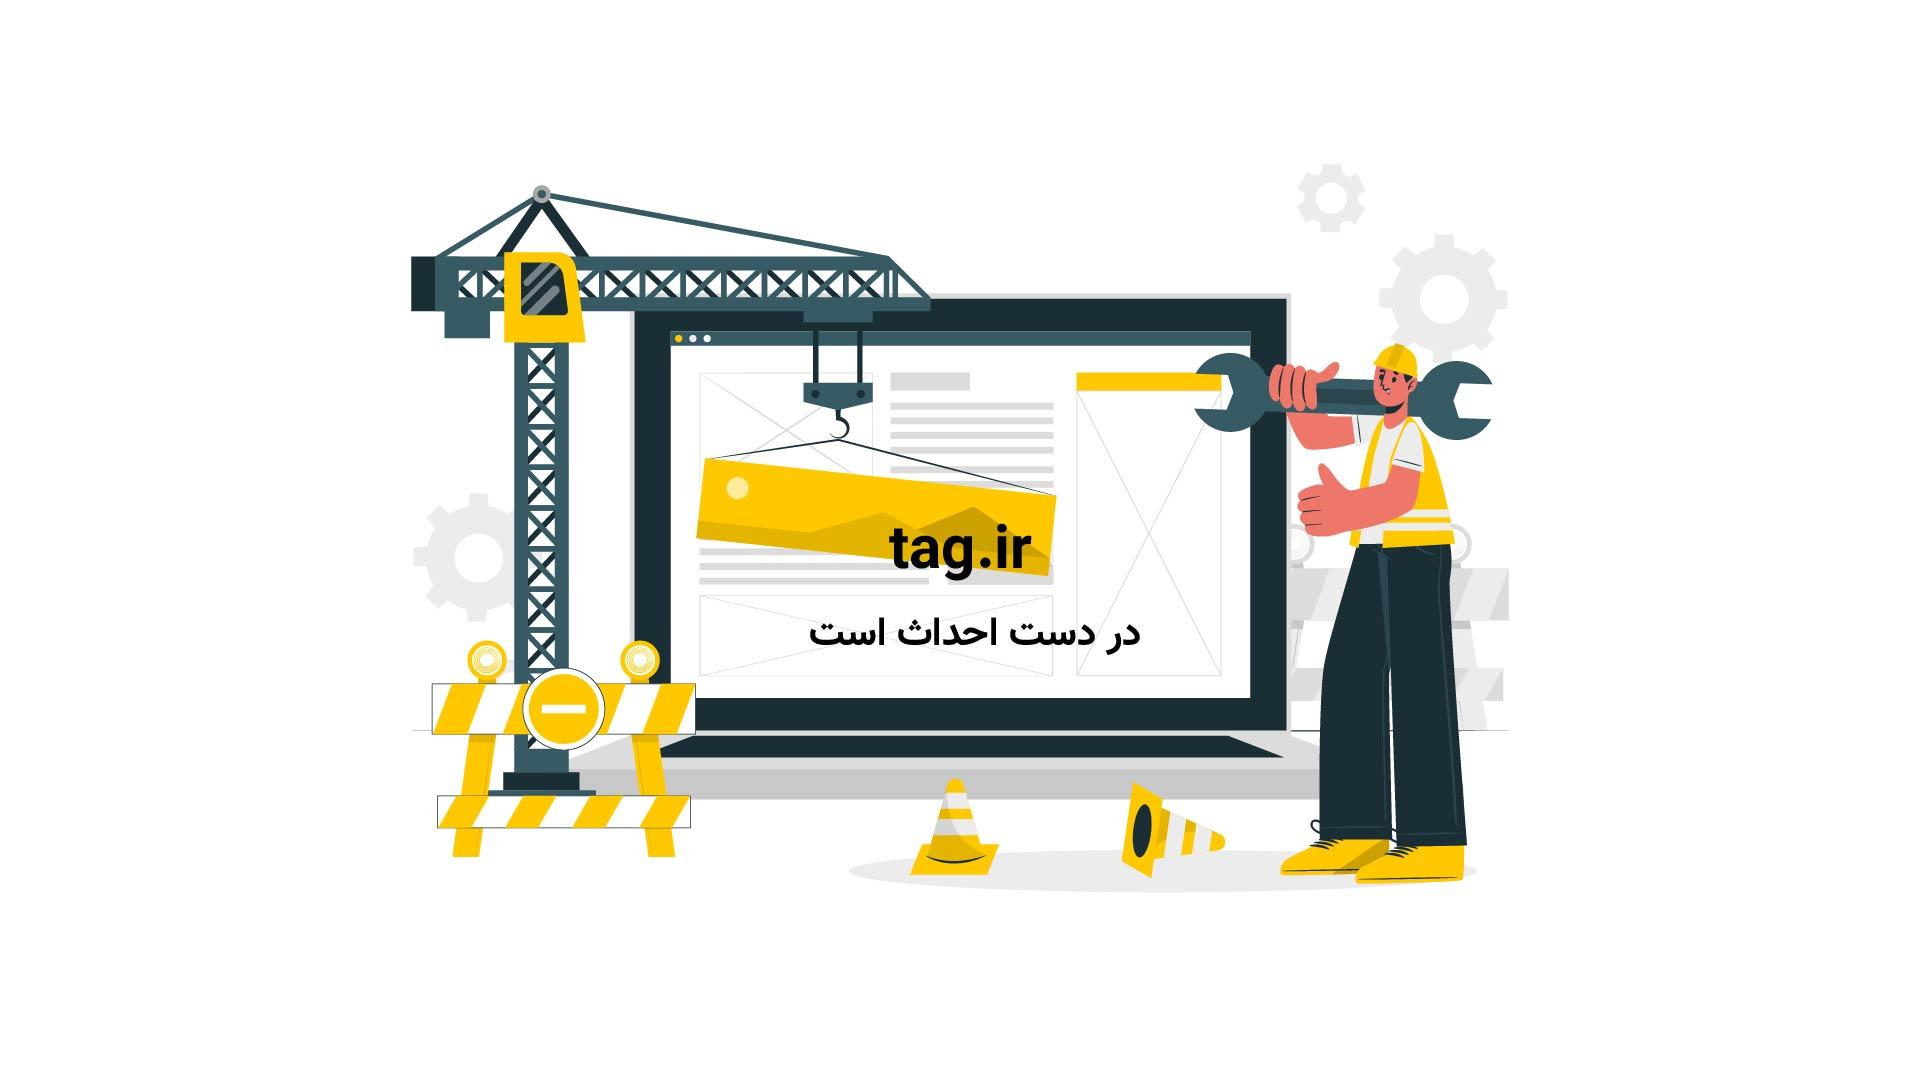 آکسفورد | تگ